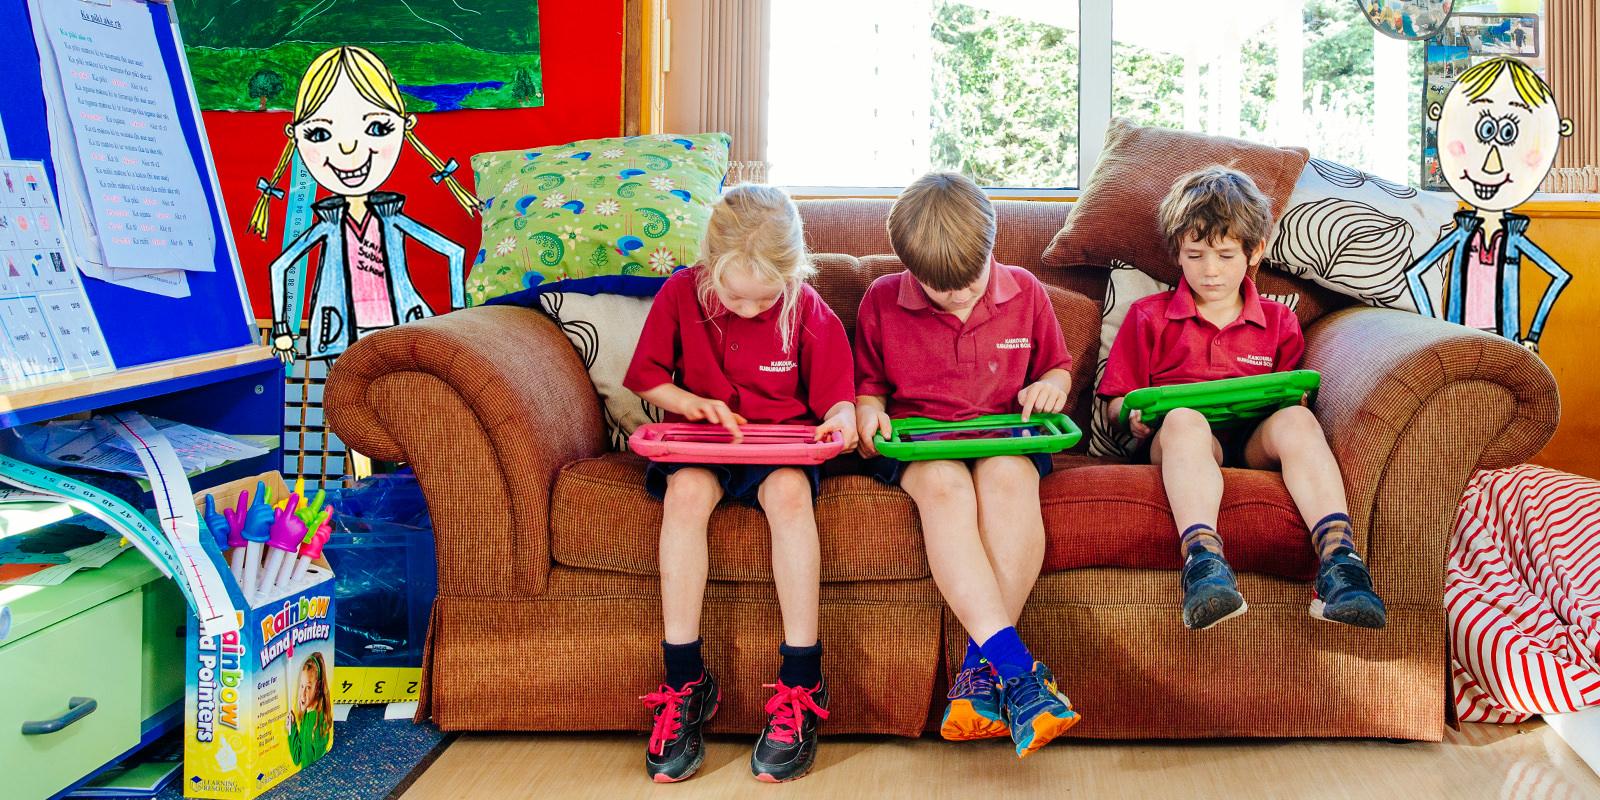 suburban-classroom-ipads